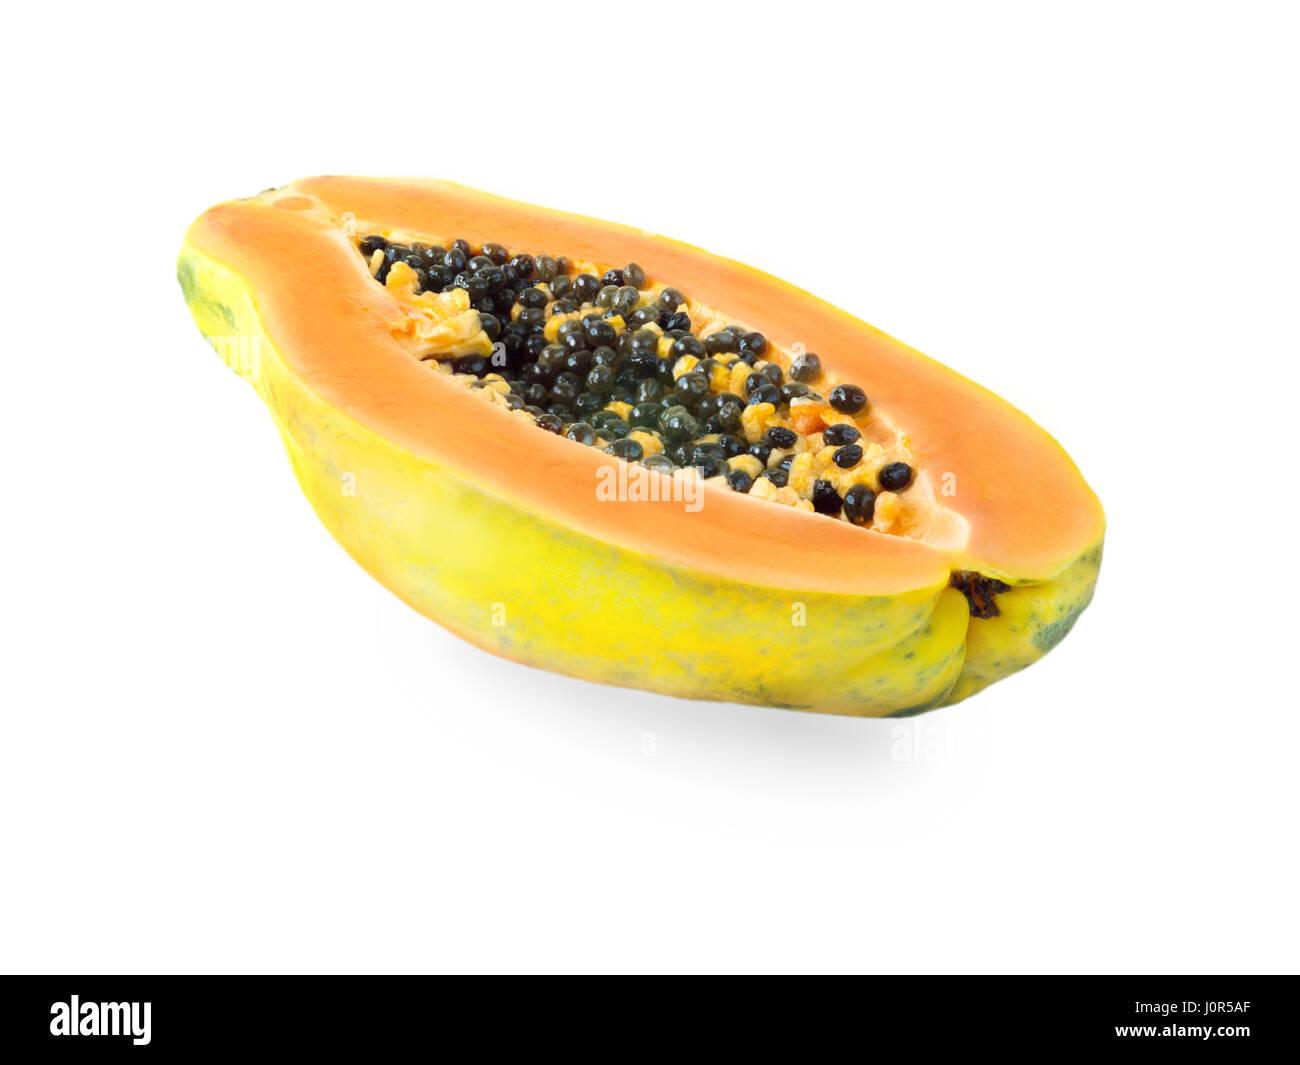 Ripe orange papaya half isolated on white - Stock Image